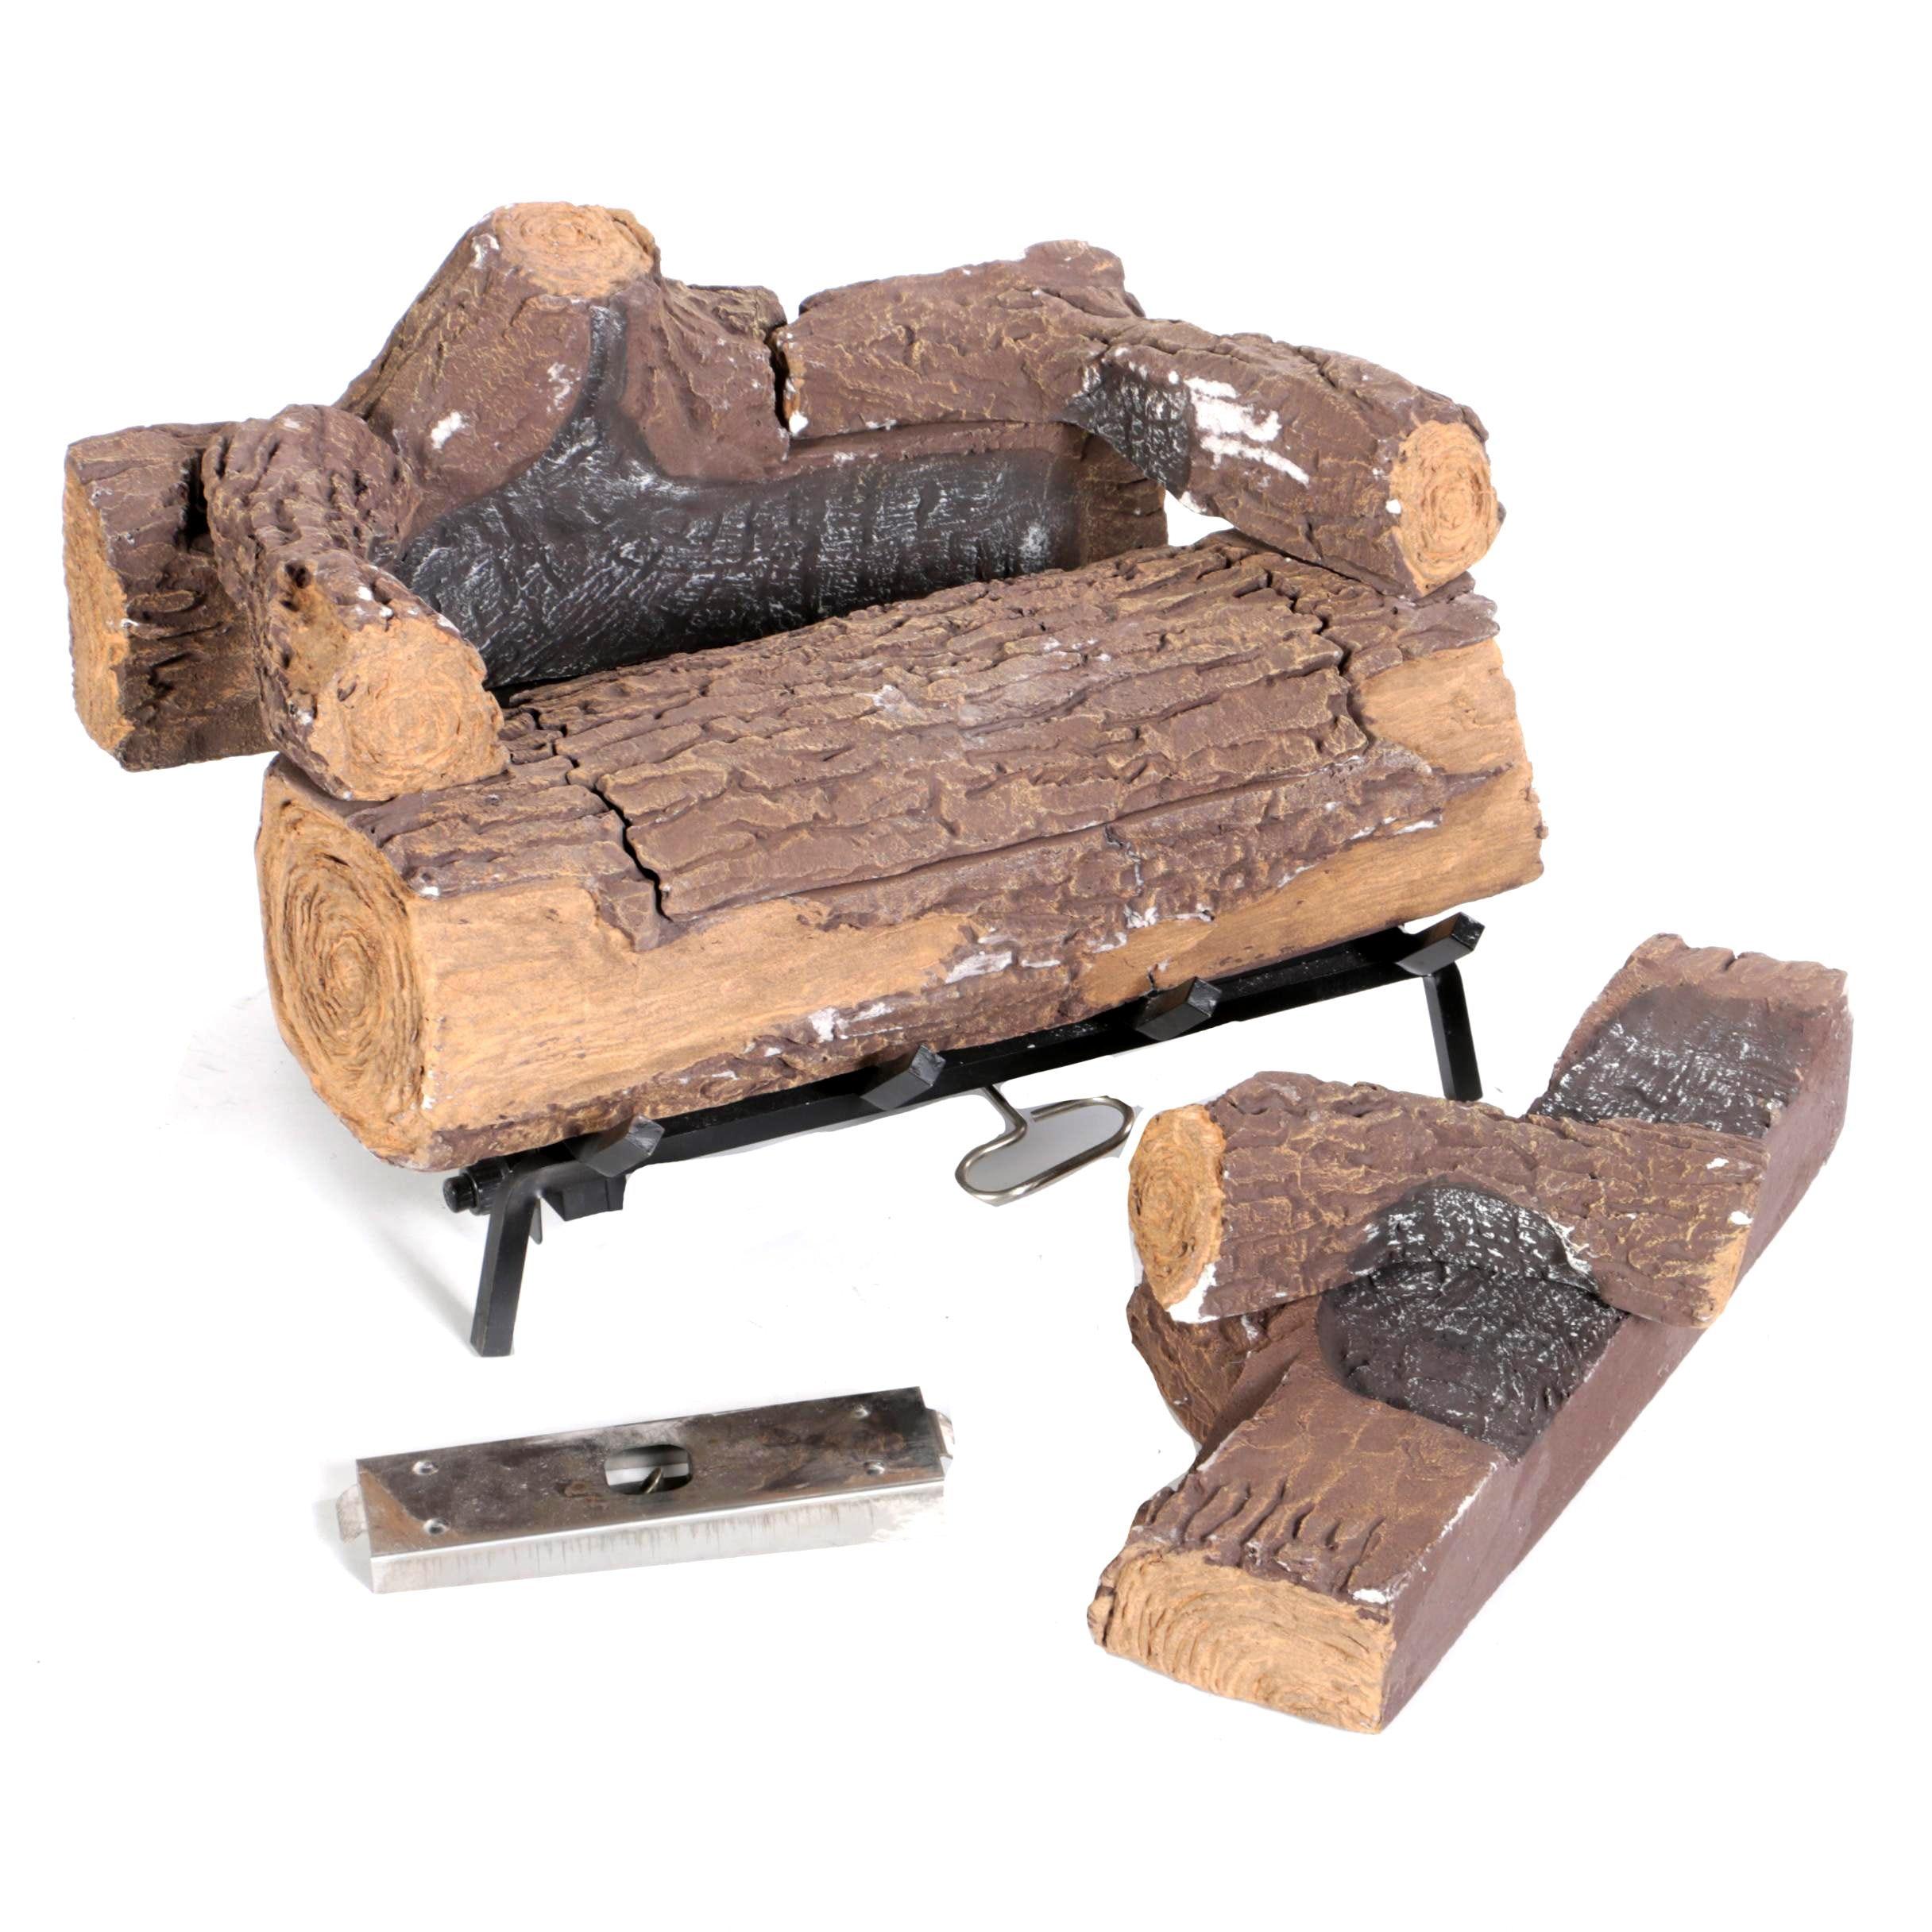 Duraflame Illuma Bio-ethanol Fireplace Burner and Log Set